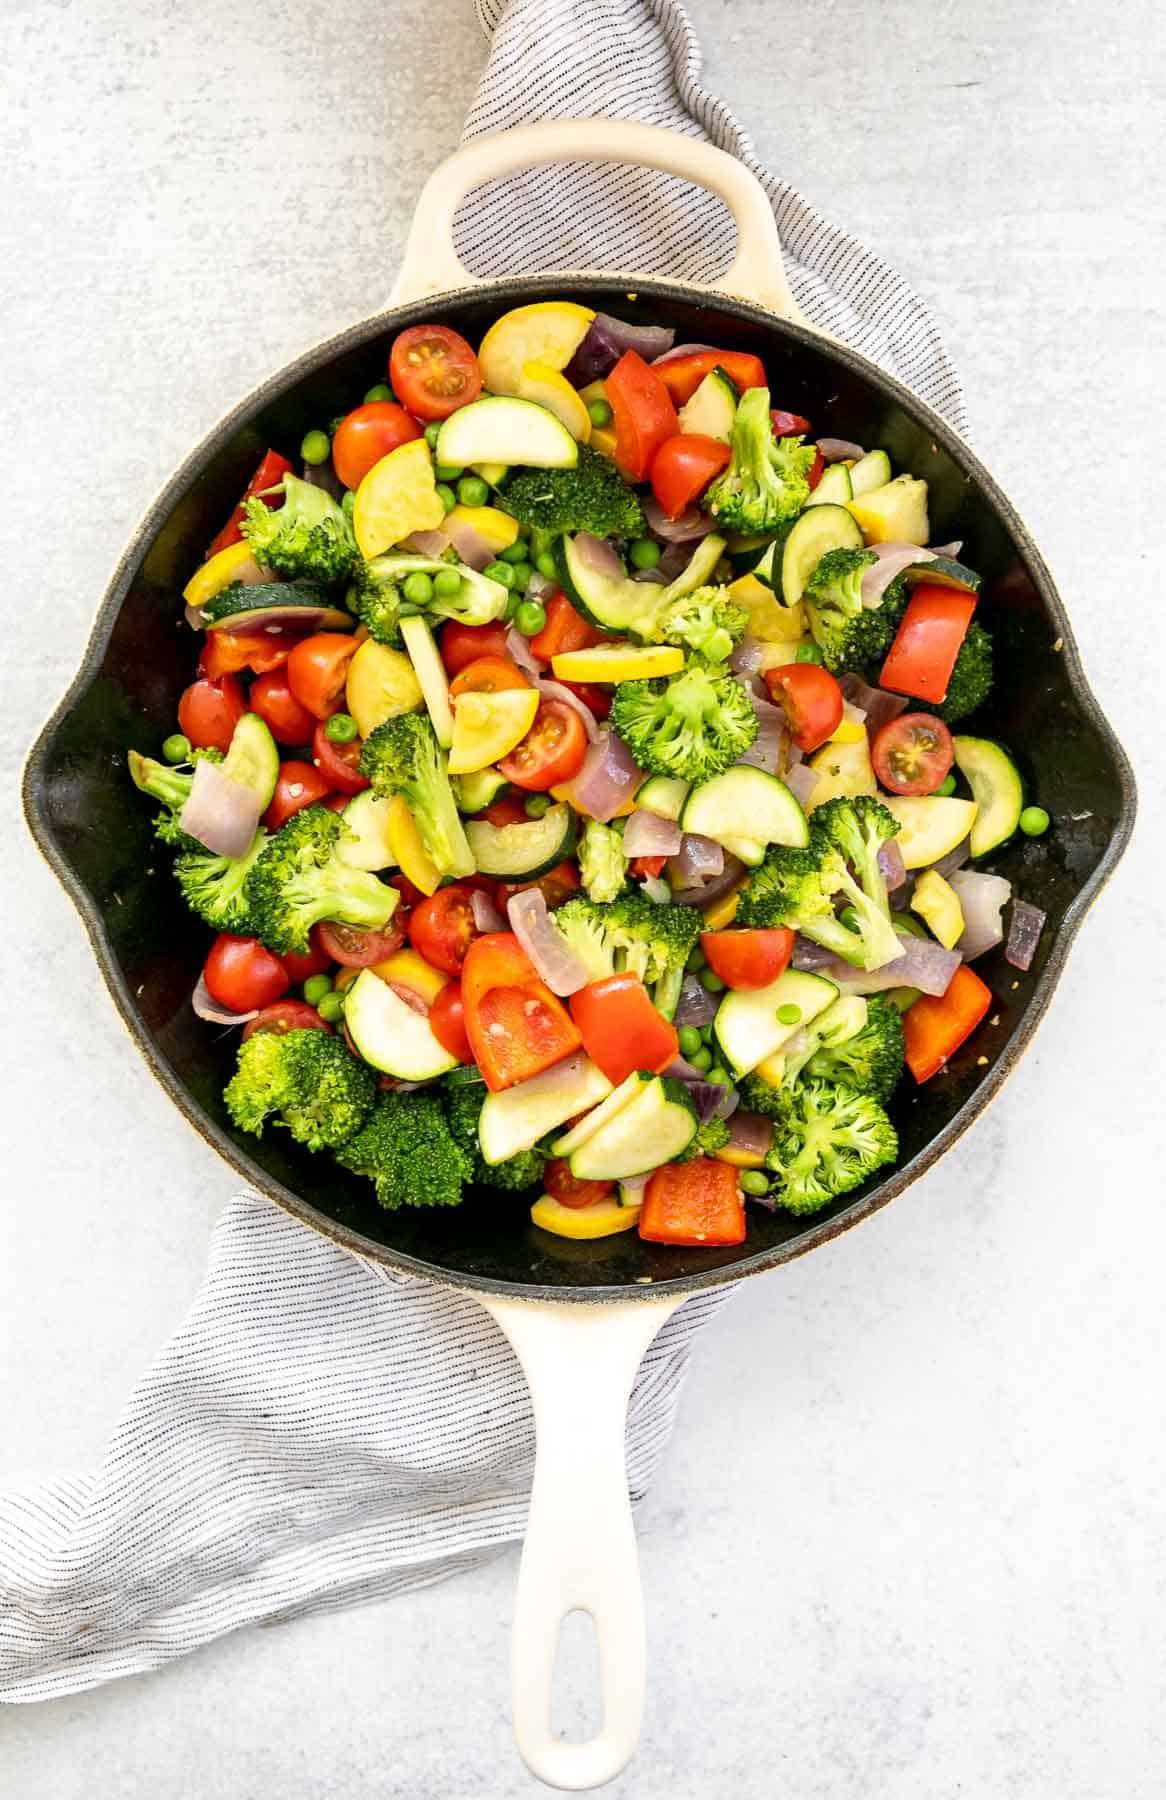 saute vegetables in a skillet